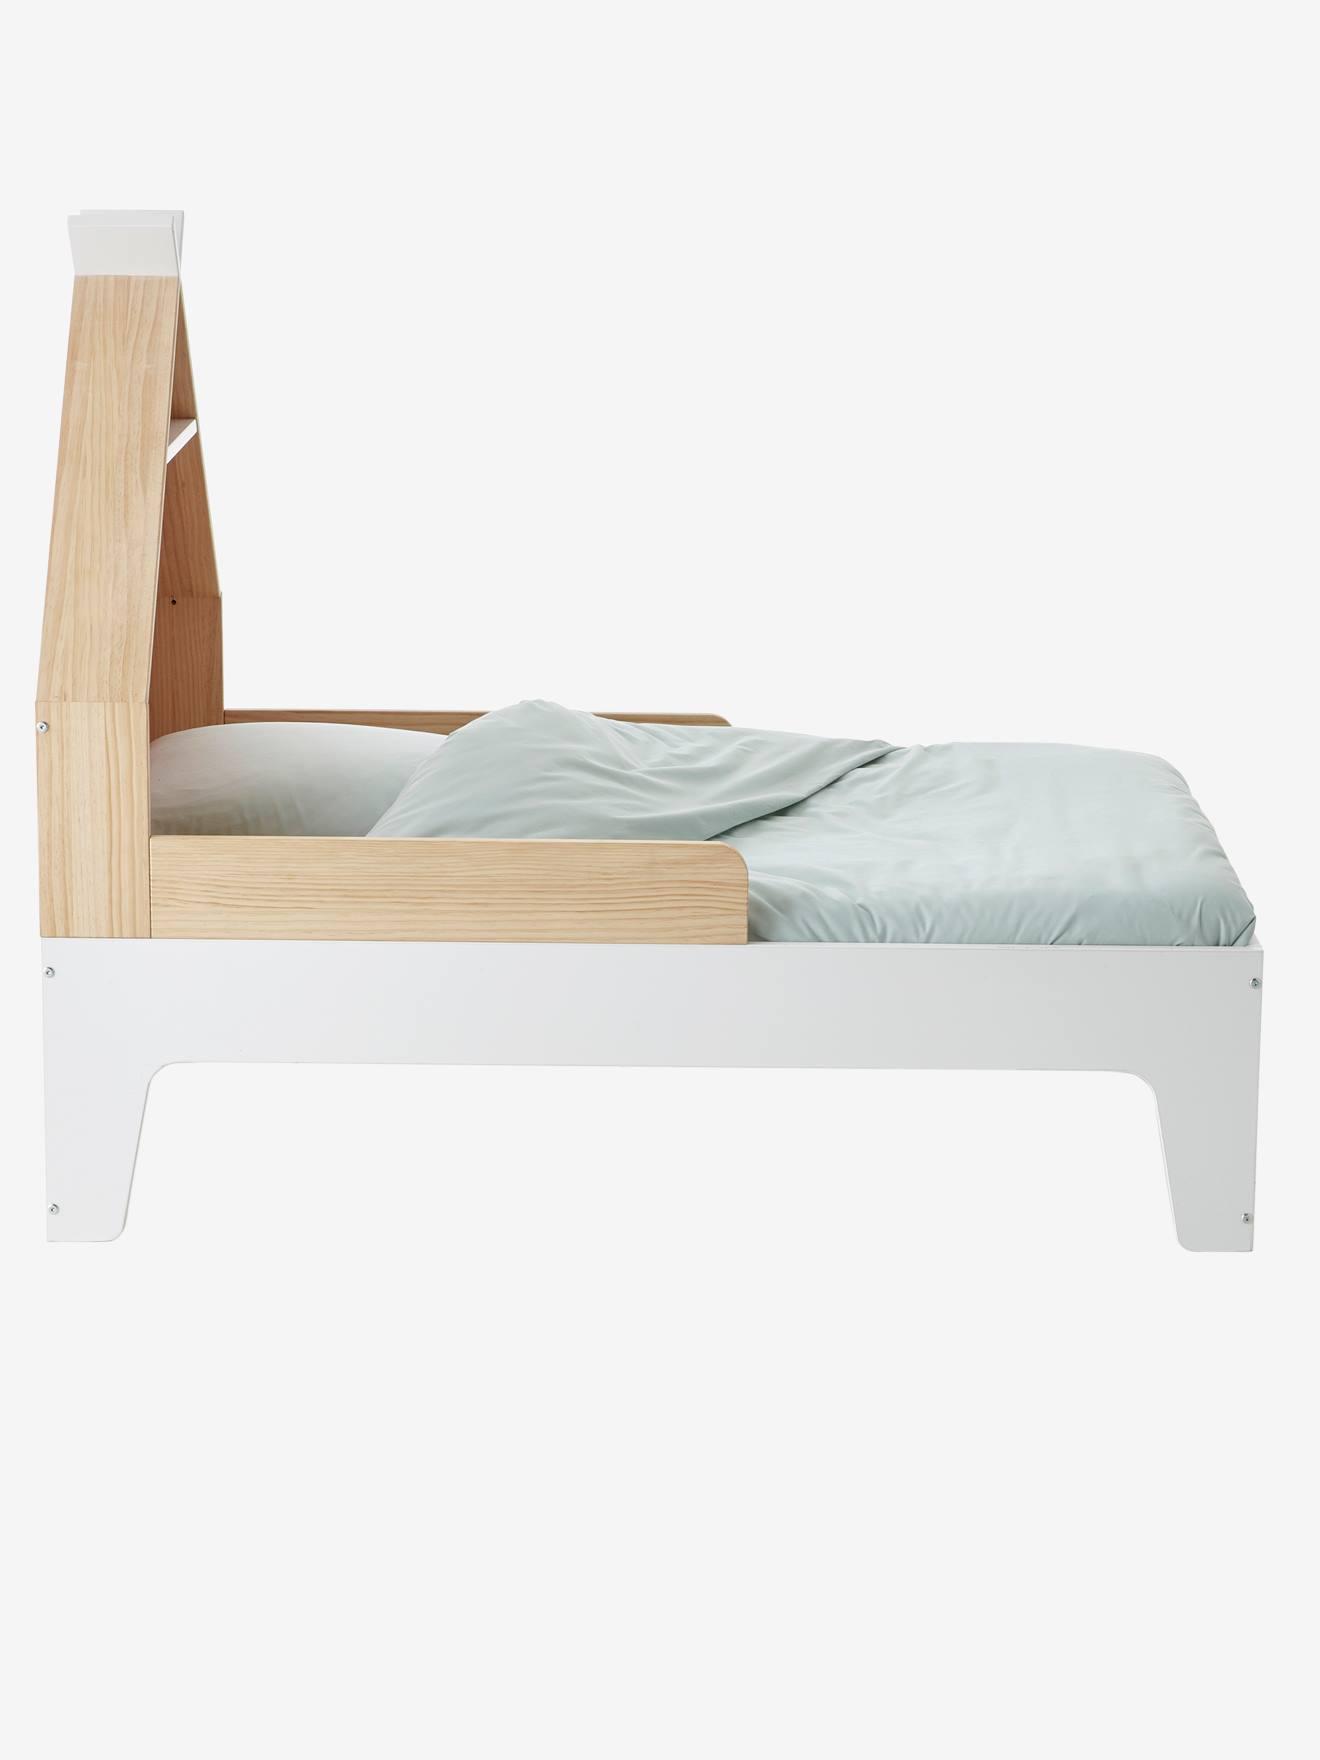 Creme Rundum 4-seitig Kinderbett Schutz passend zu 90 x 40 cm Kinderbett